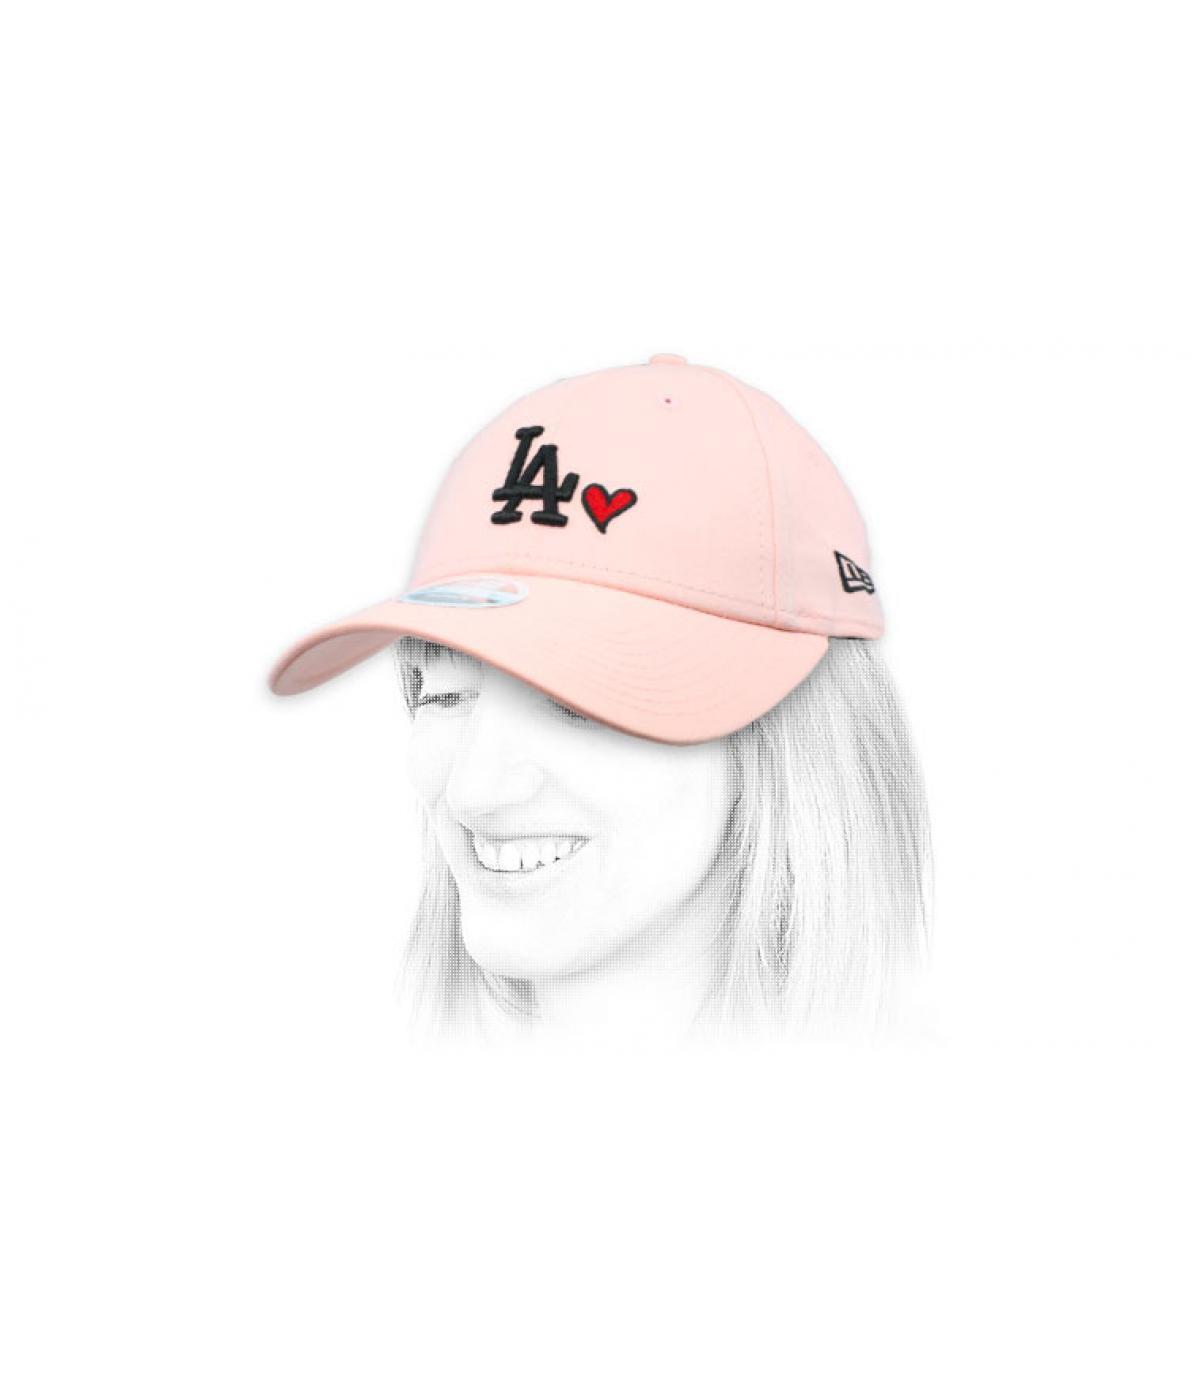 gorra mujer LA corazón rosa